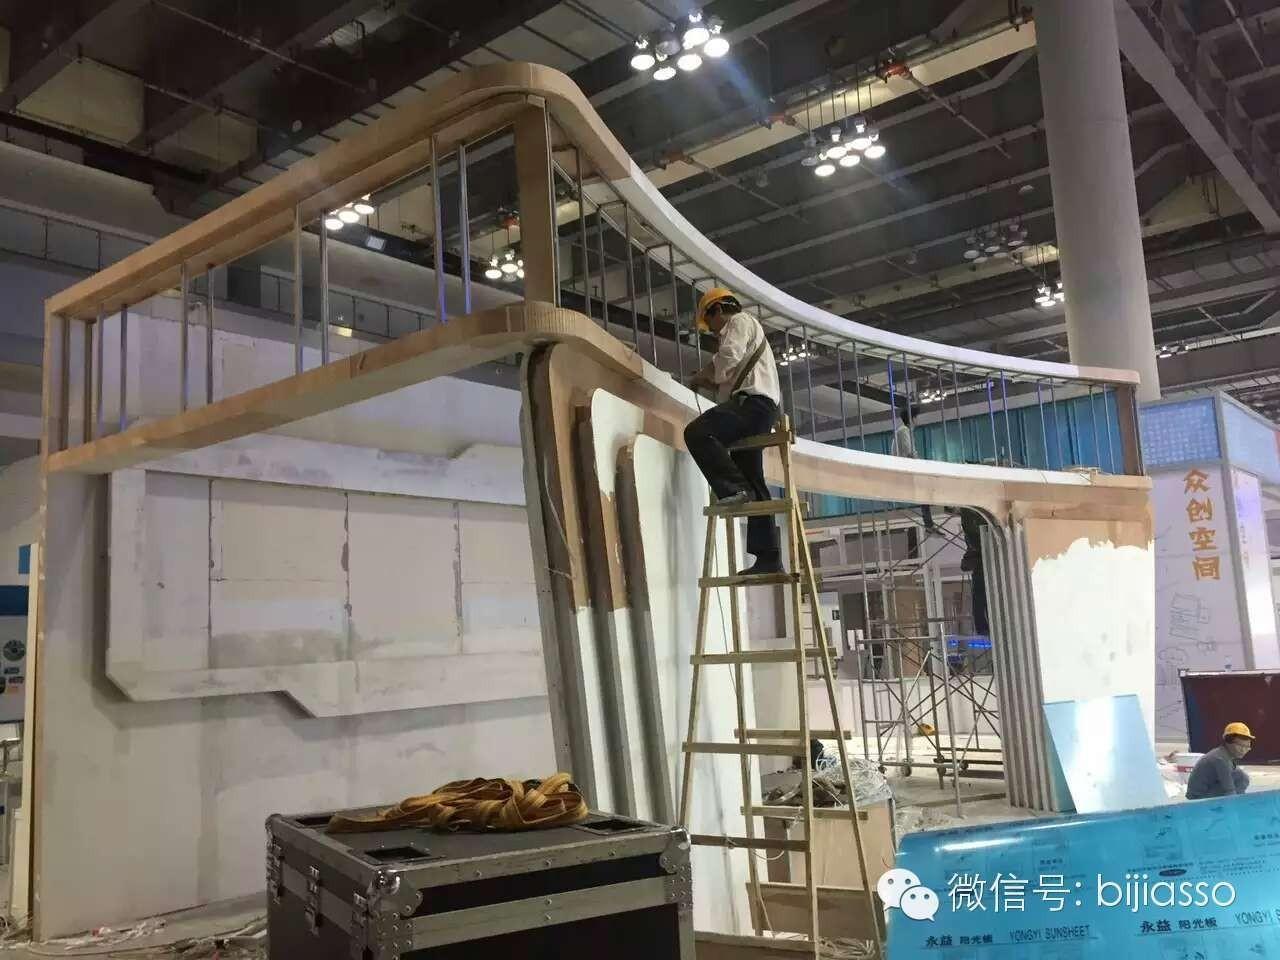 重庆展览公司